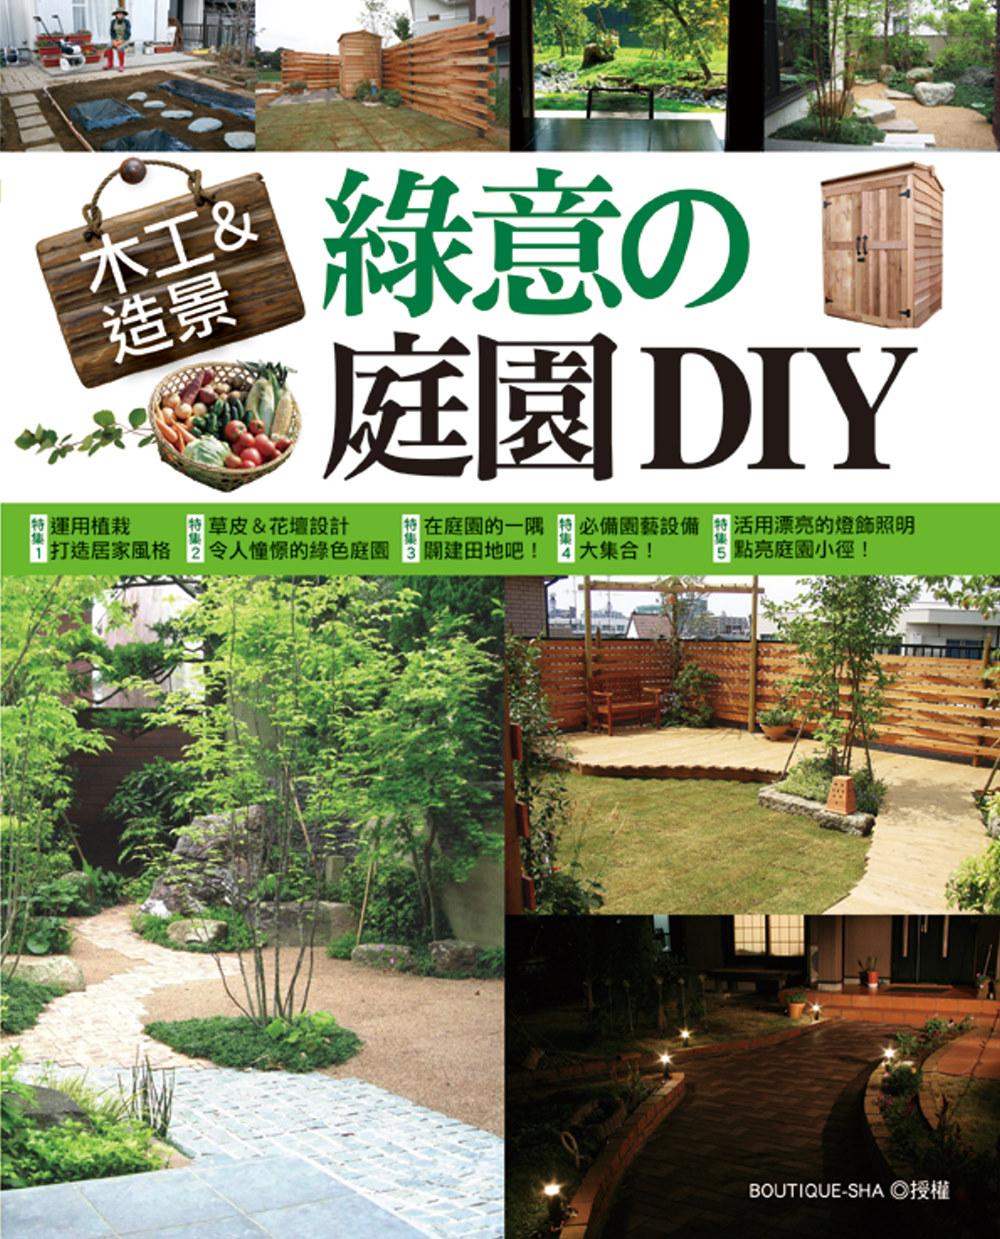 木工&造景:綠意的庭園DIY